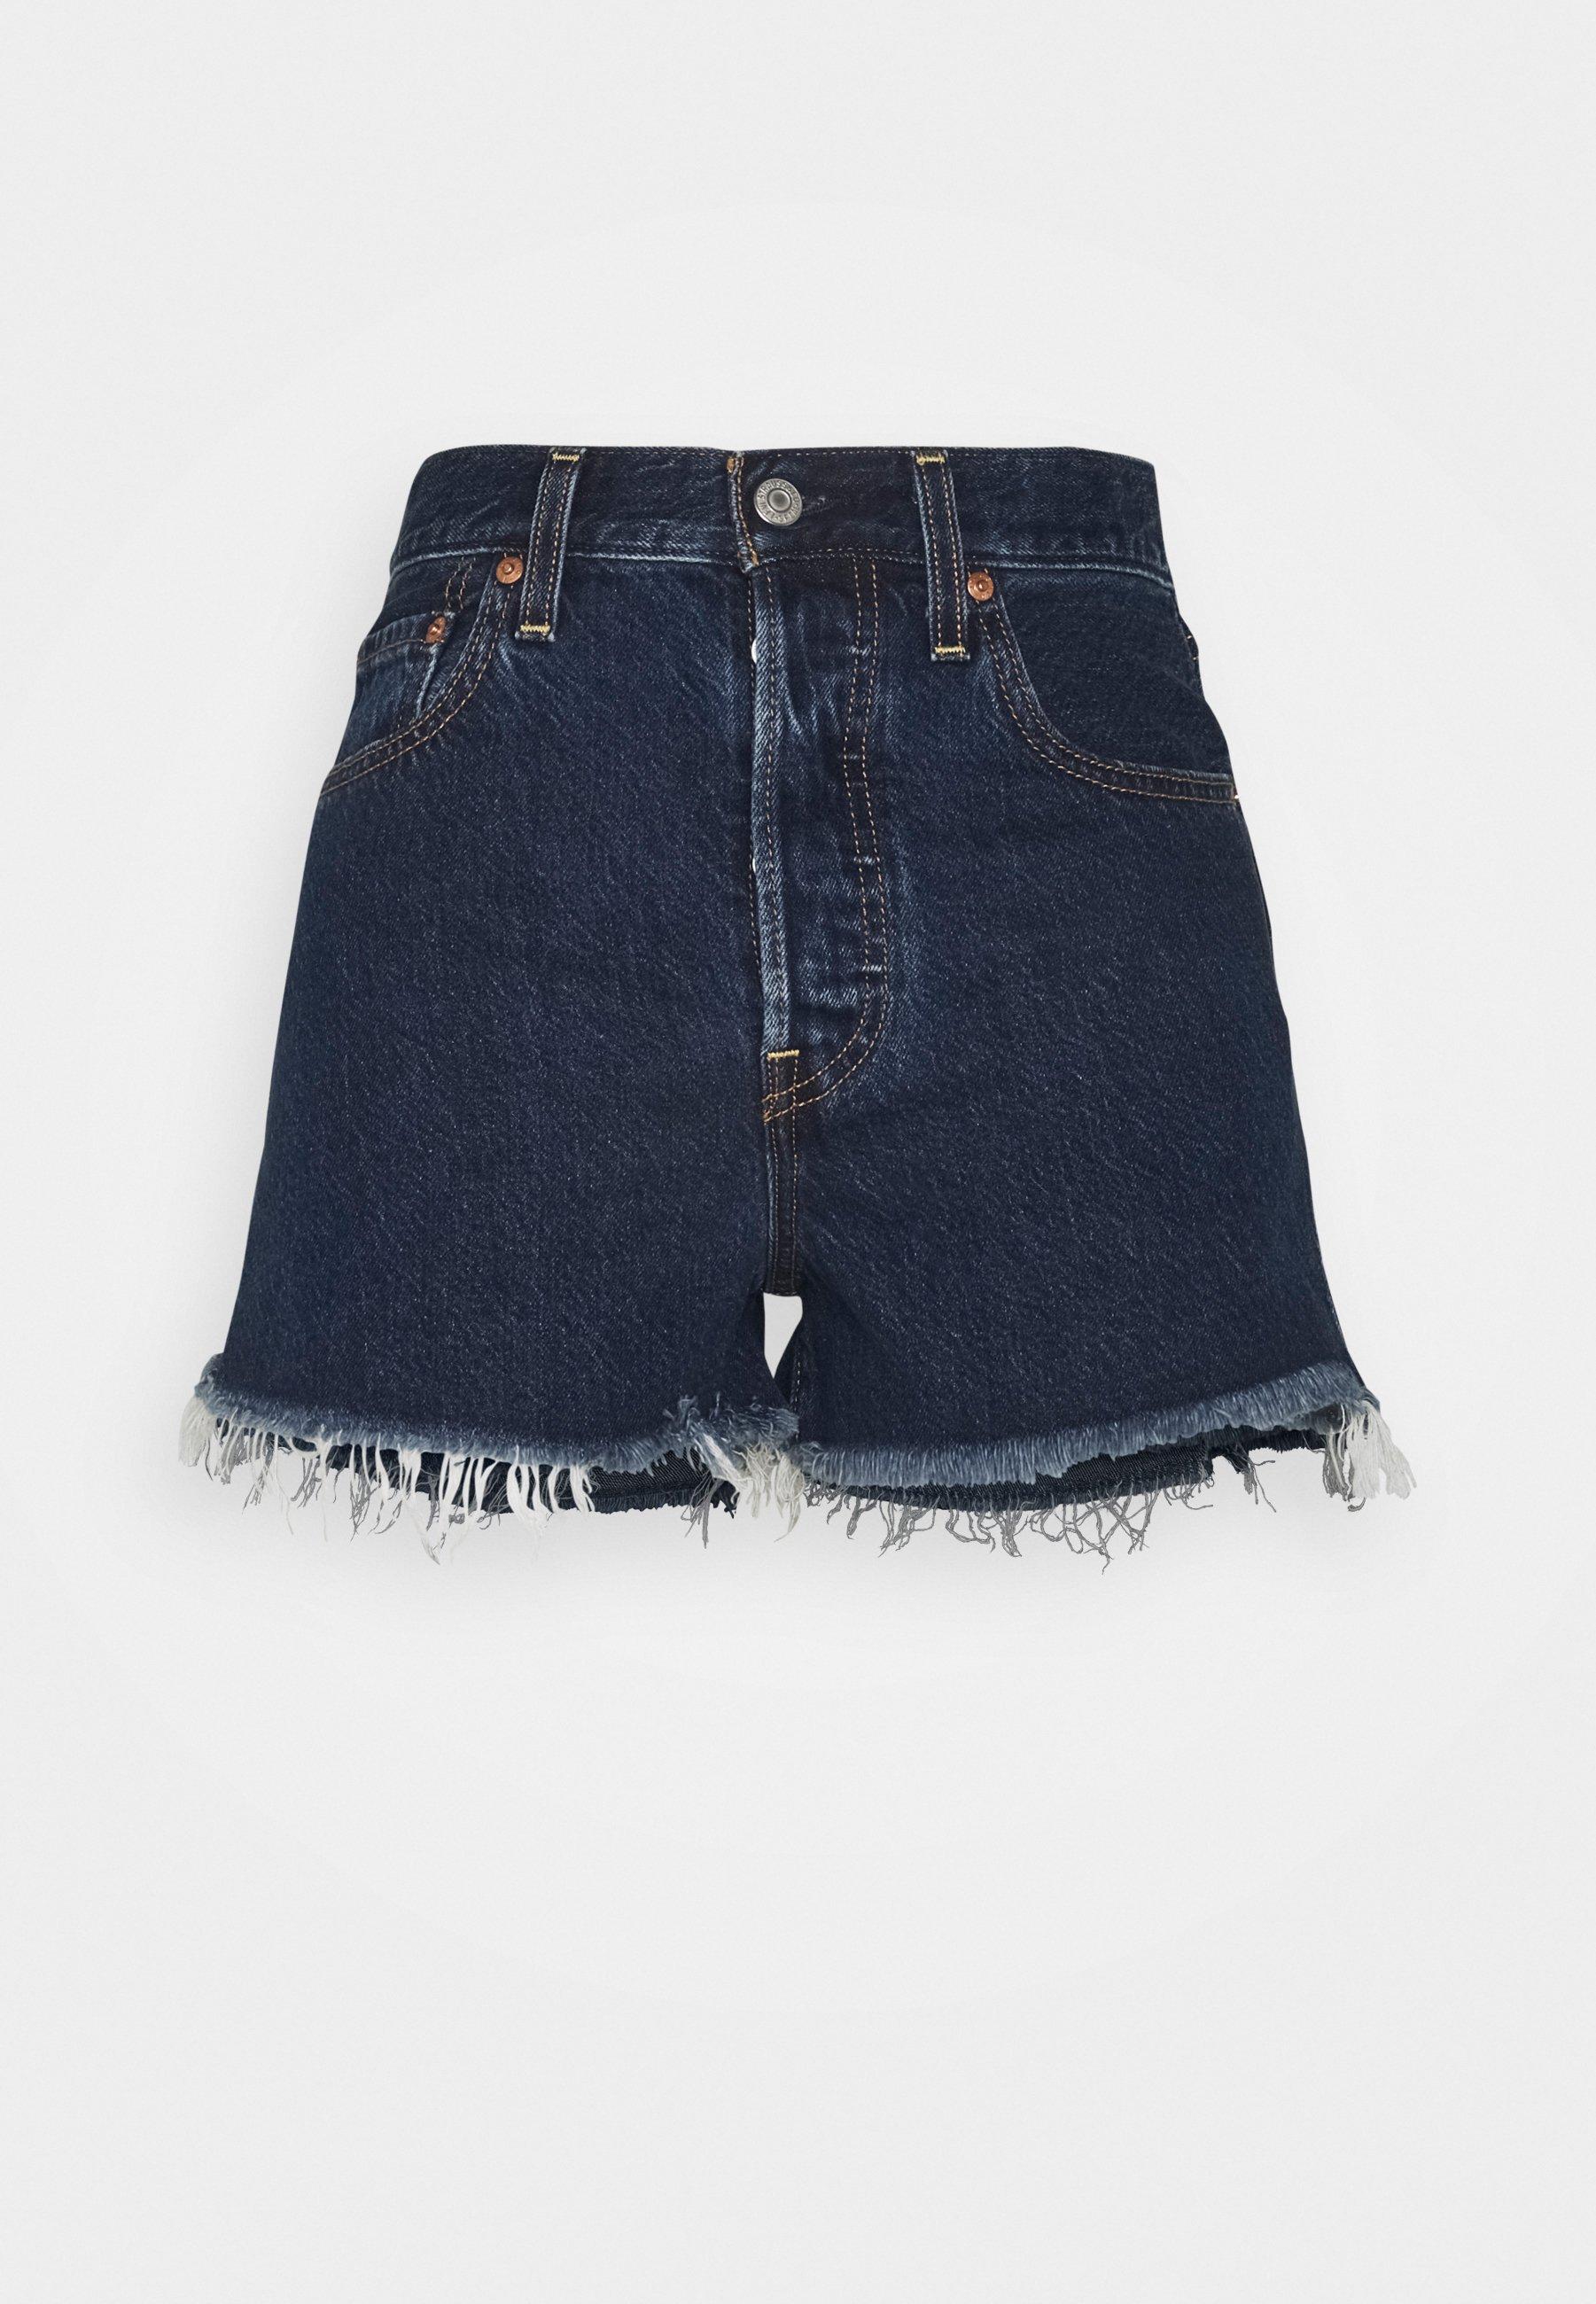 Damer RIBCAGE - Jeans Short / cowboy shorts